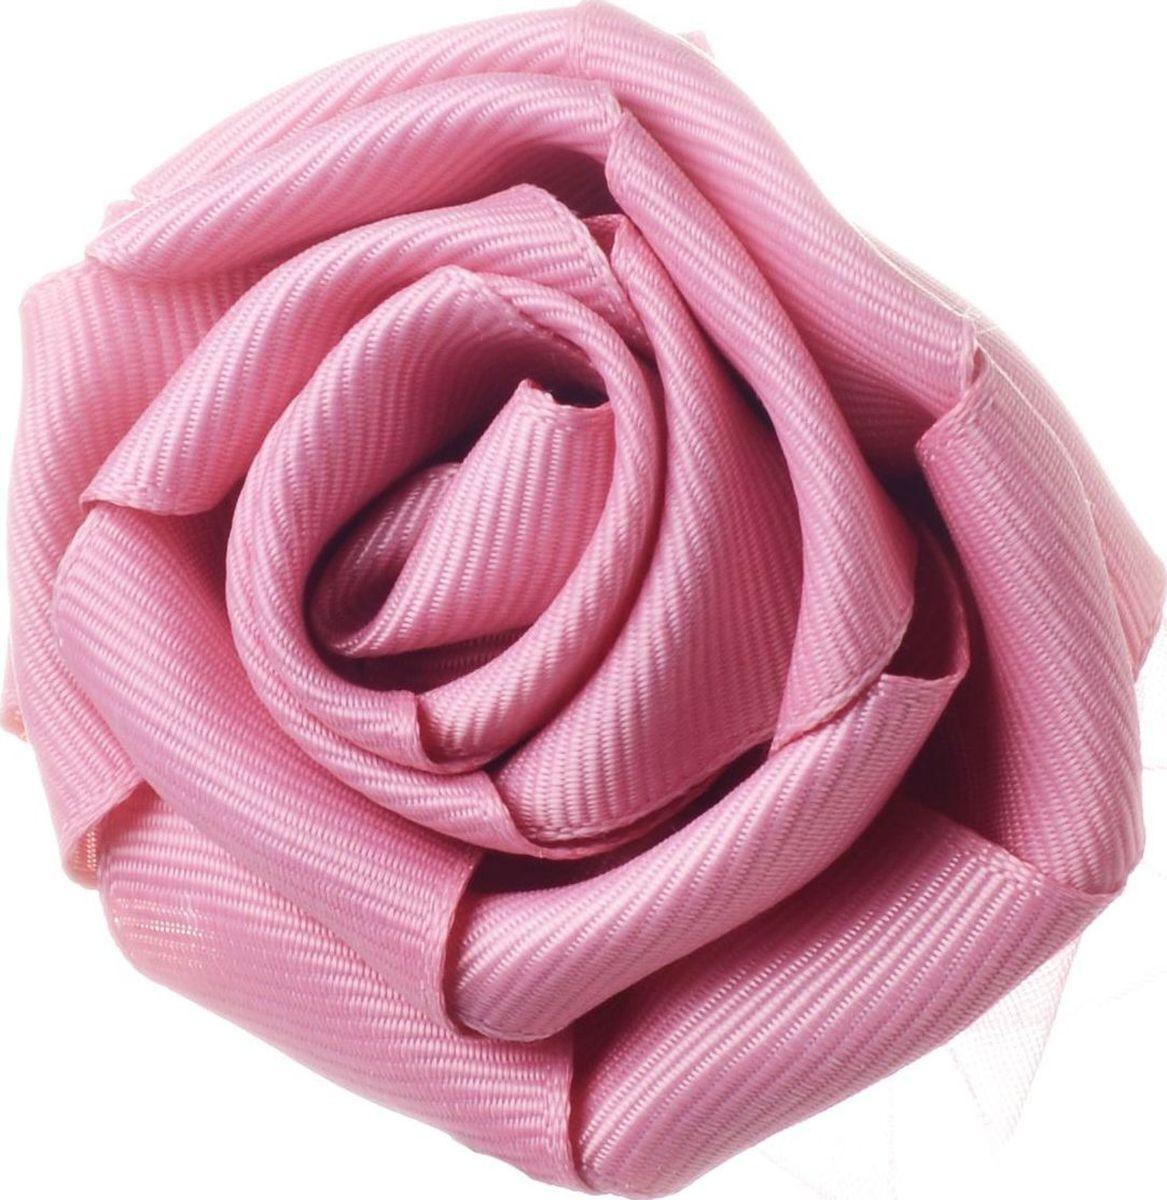 Резинка для волос Malina By Андерсен Либерти, цвет: розовый. 31705рб1331705рб13Резинка для волос поможет подчеркнуть вашу индивидуальность и стиль. С помощью резинки вы сможете уложить волосы в элегантную прическу.